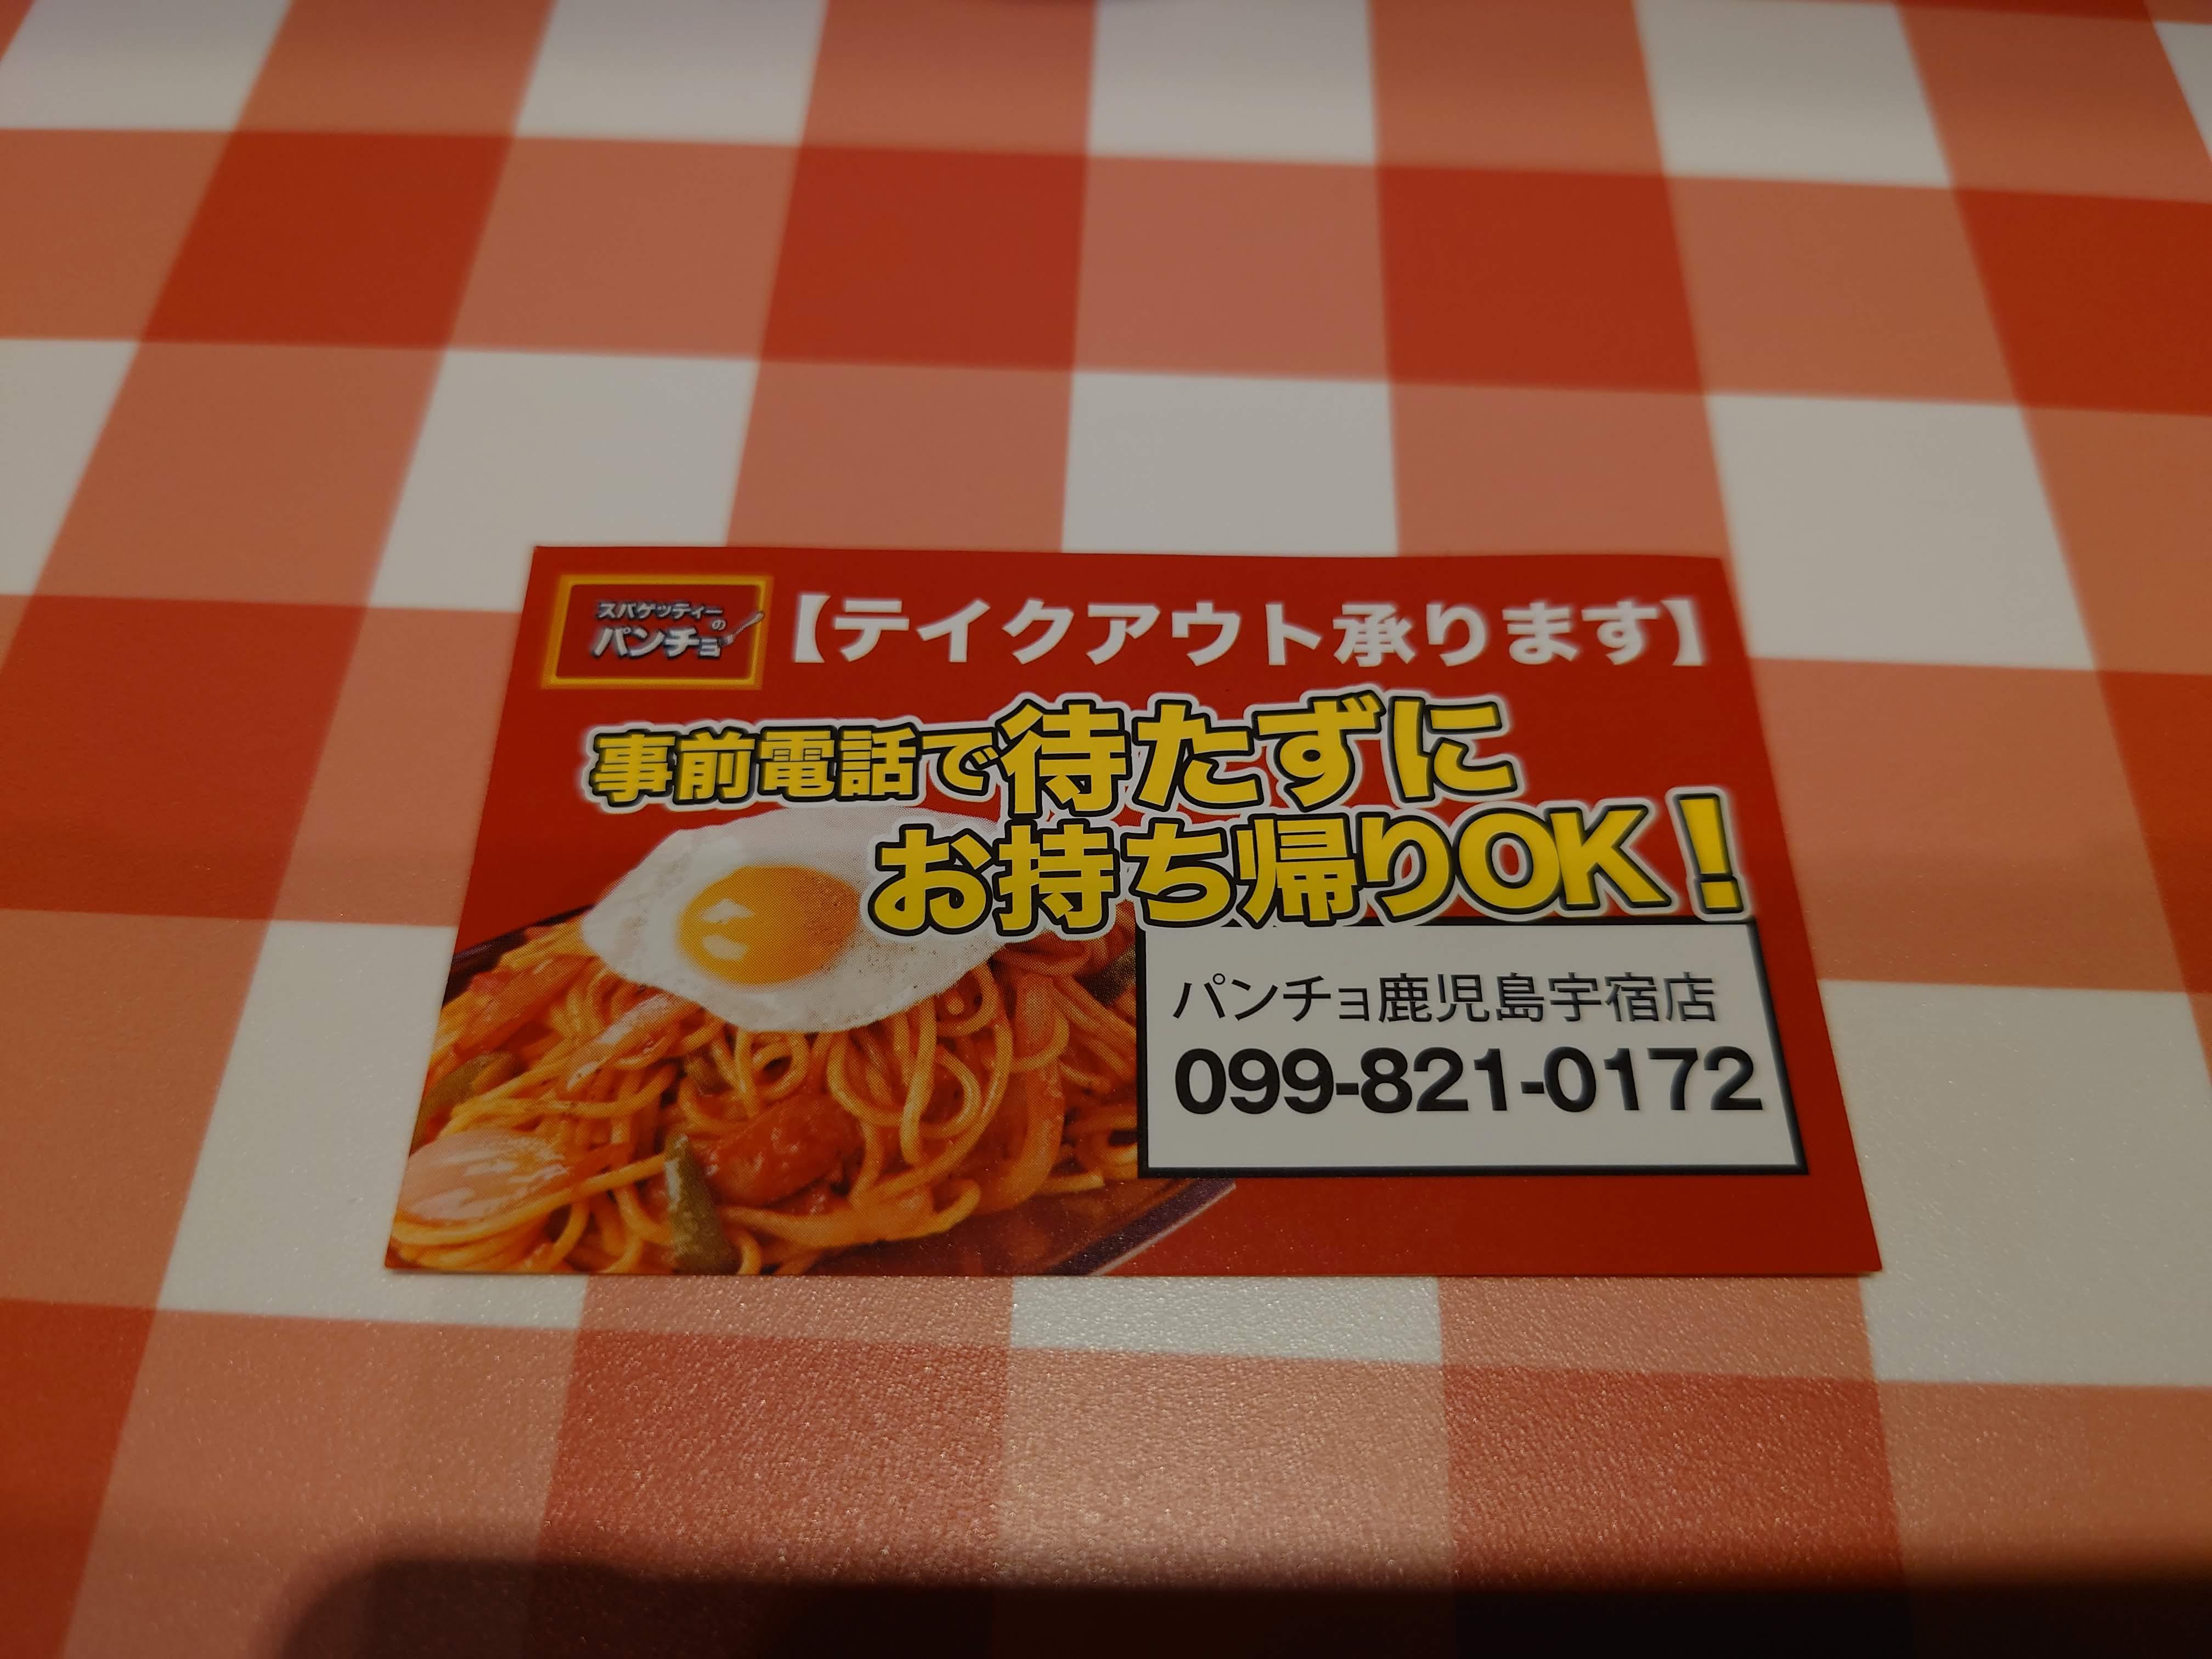 持ち帰り パンチョ 「スパゲッティーのパンチョ」はカードや電子マネーは使える!?3月10日はスパゲティが310円! パンチョでお得に食事する方法